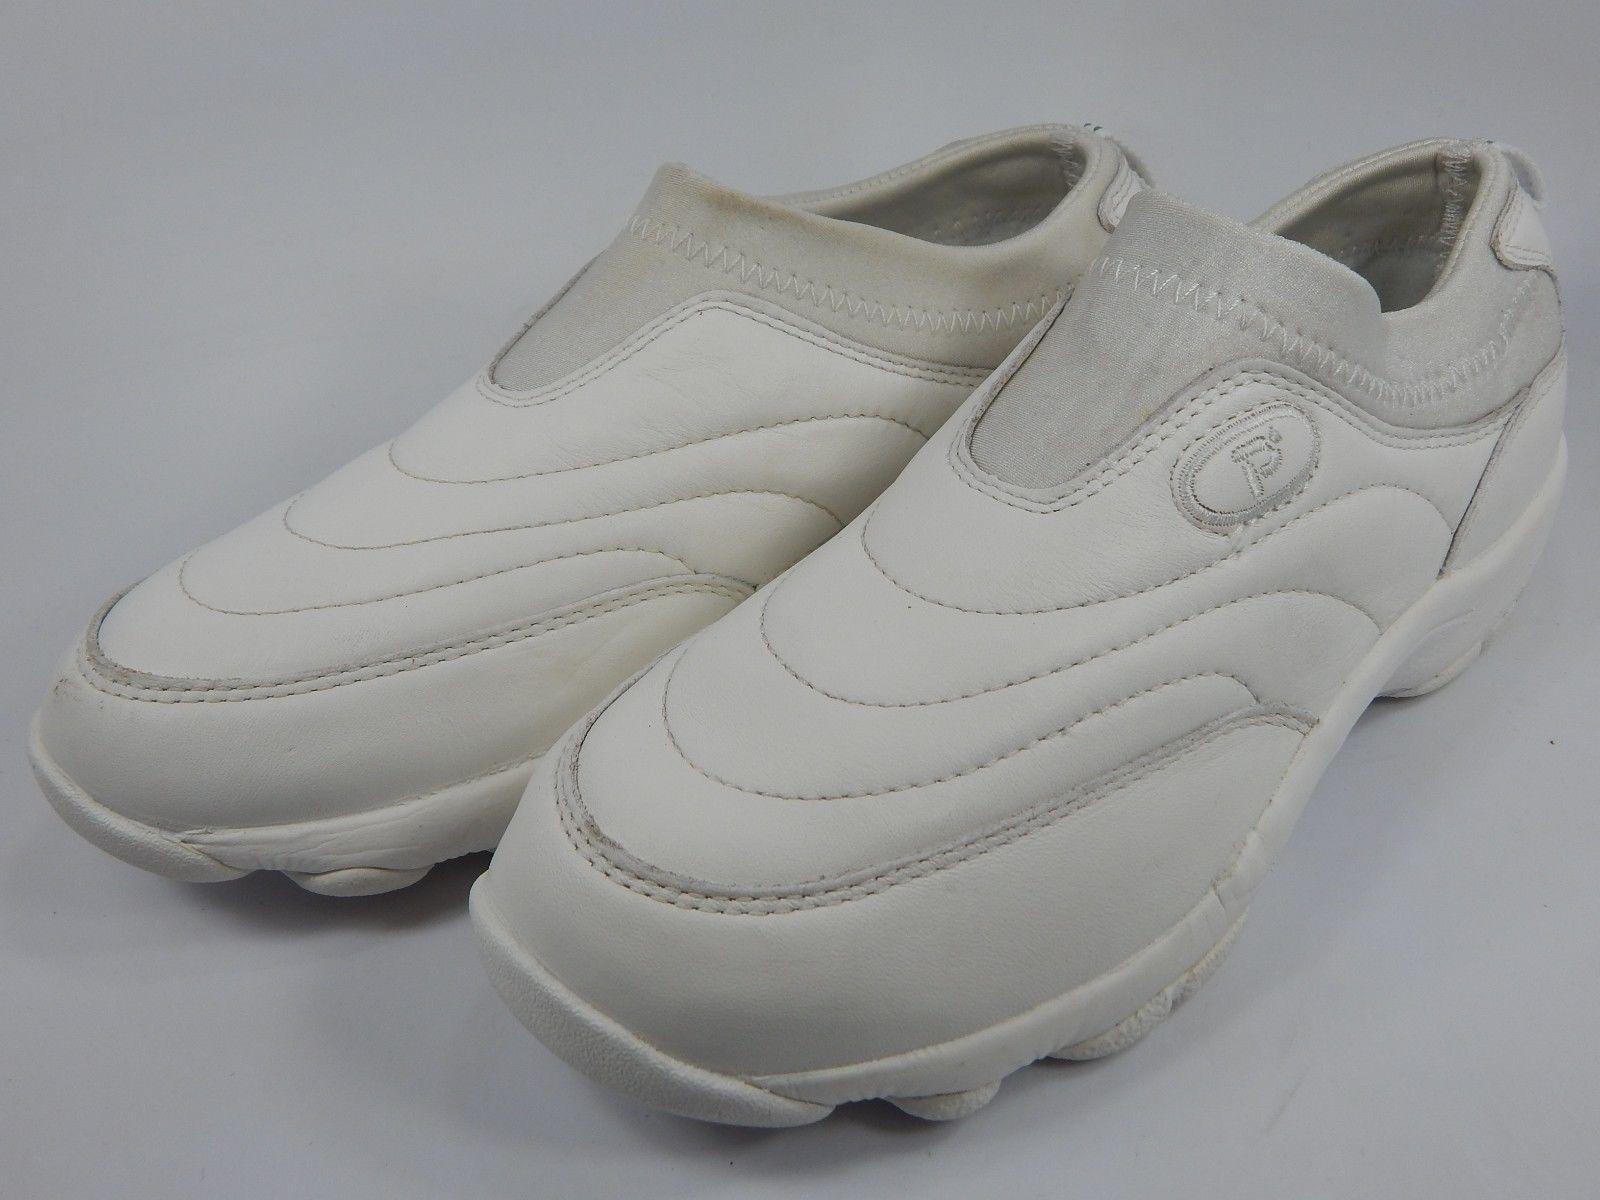 Propet Wash & Wear II Women's Slip On Walking Shoes Size 6.5 2E (X) EXTRA WIDE